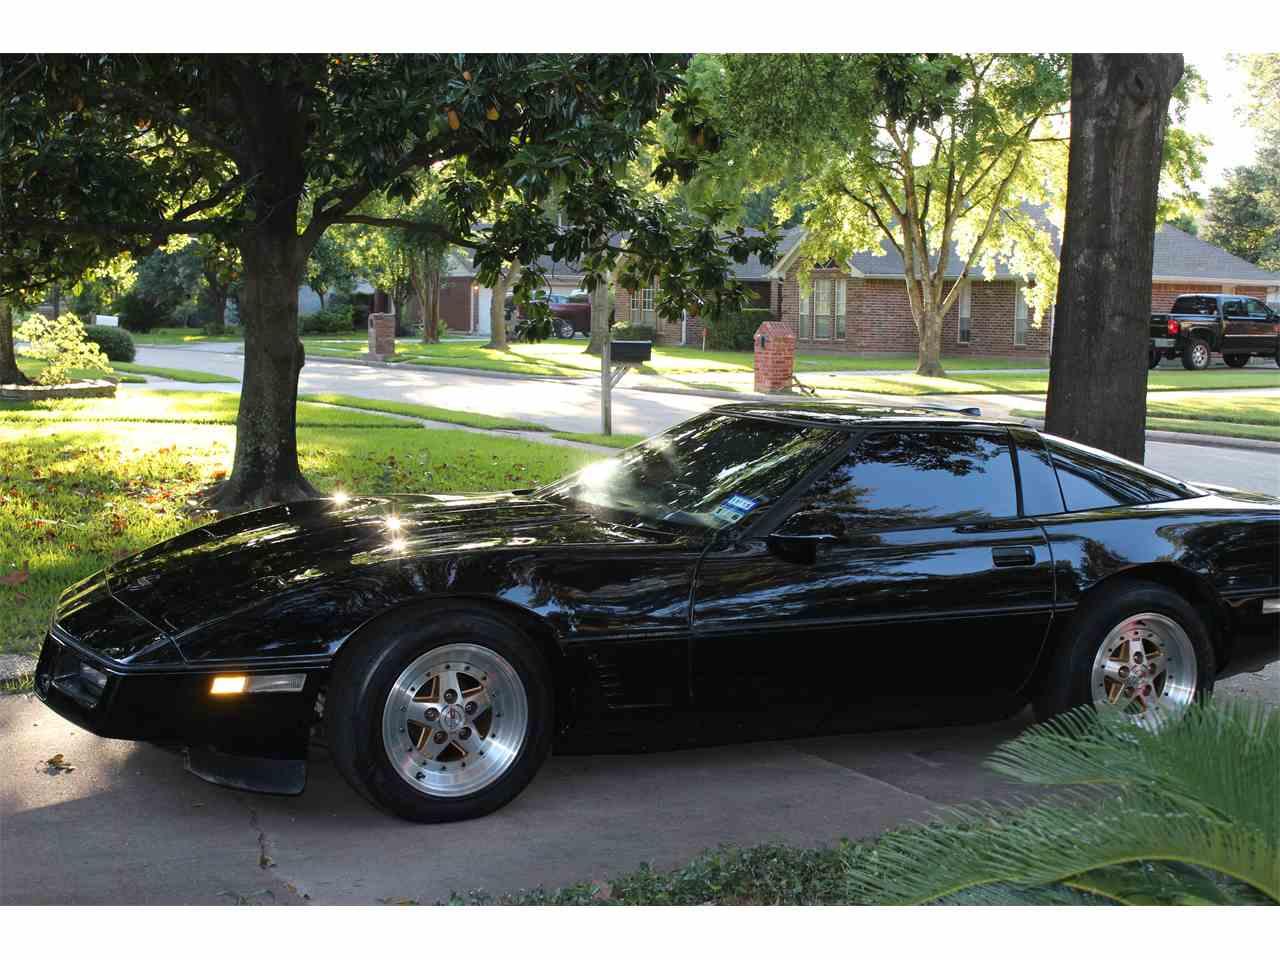 C4 Corvette For Sale Houston Tx: 1987 Chevrolet Corvette For Sale